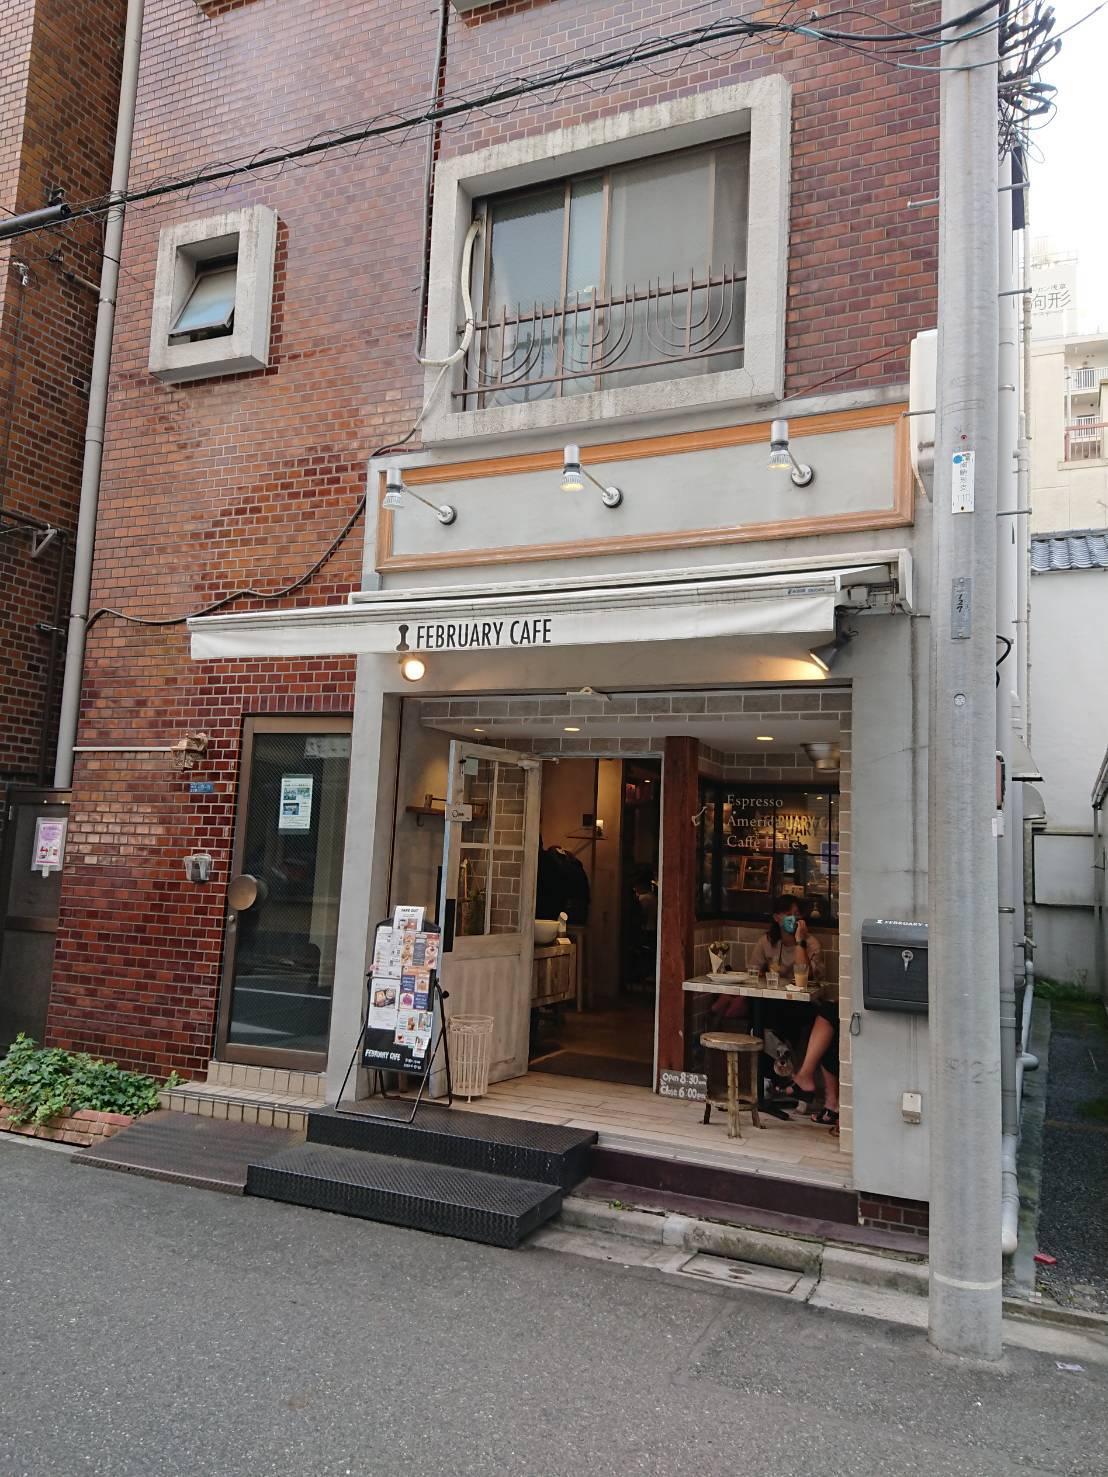 ずっと前から気になっていた浅草のFebrarycafe